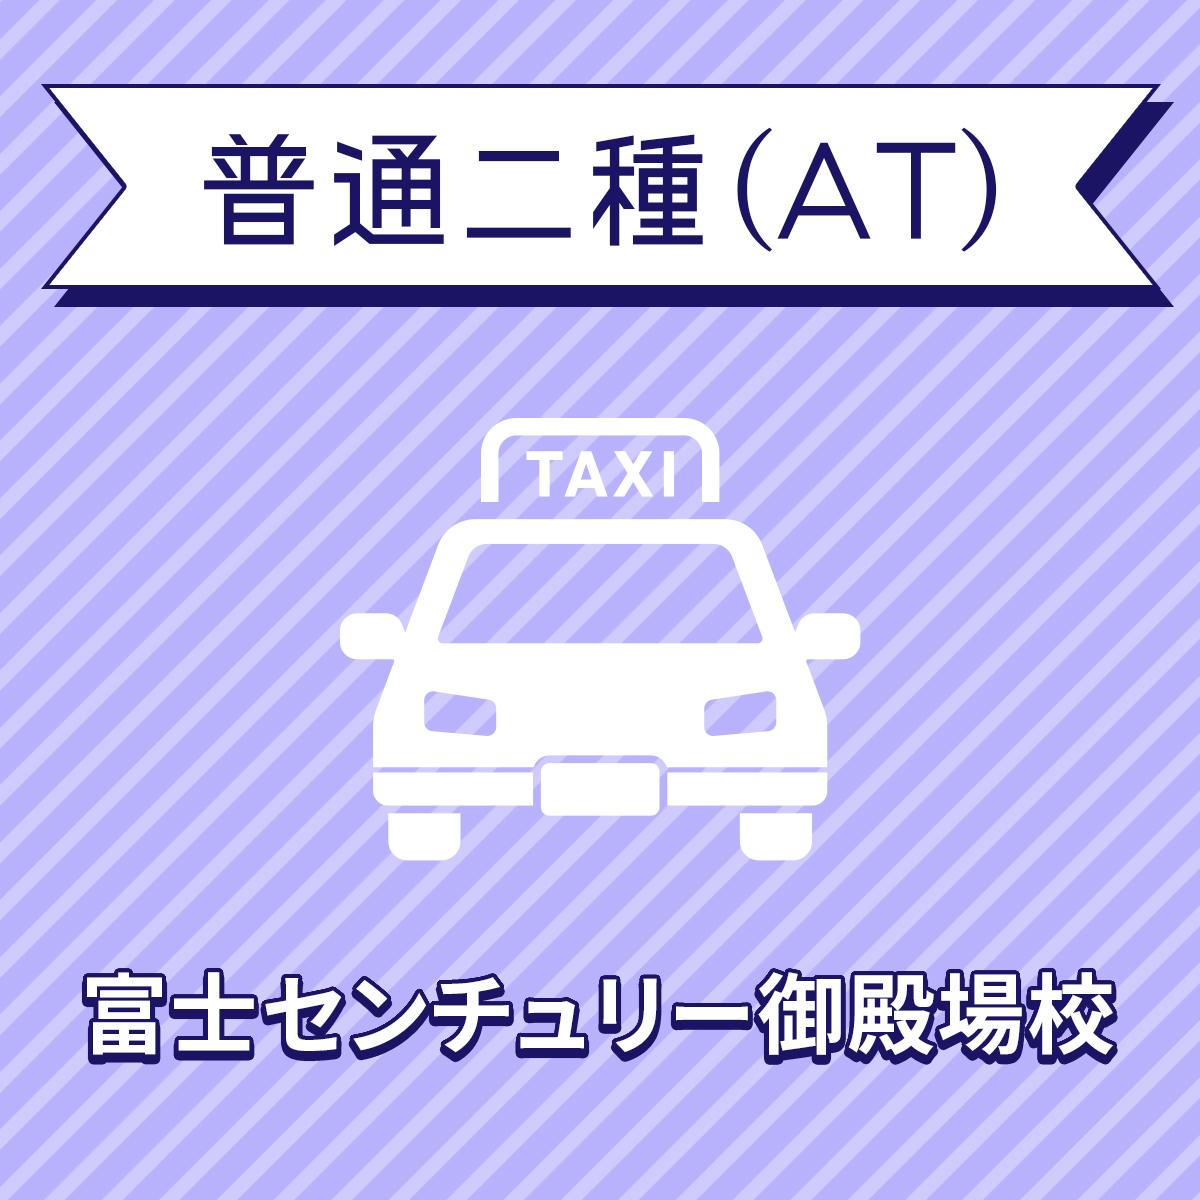 【静岡県裾野市】普通二種ATコース<普通免許所持対象>